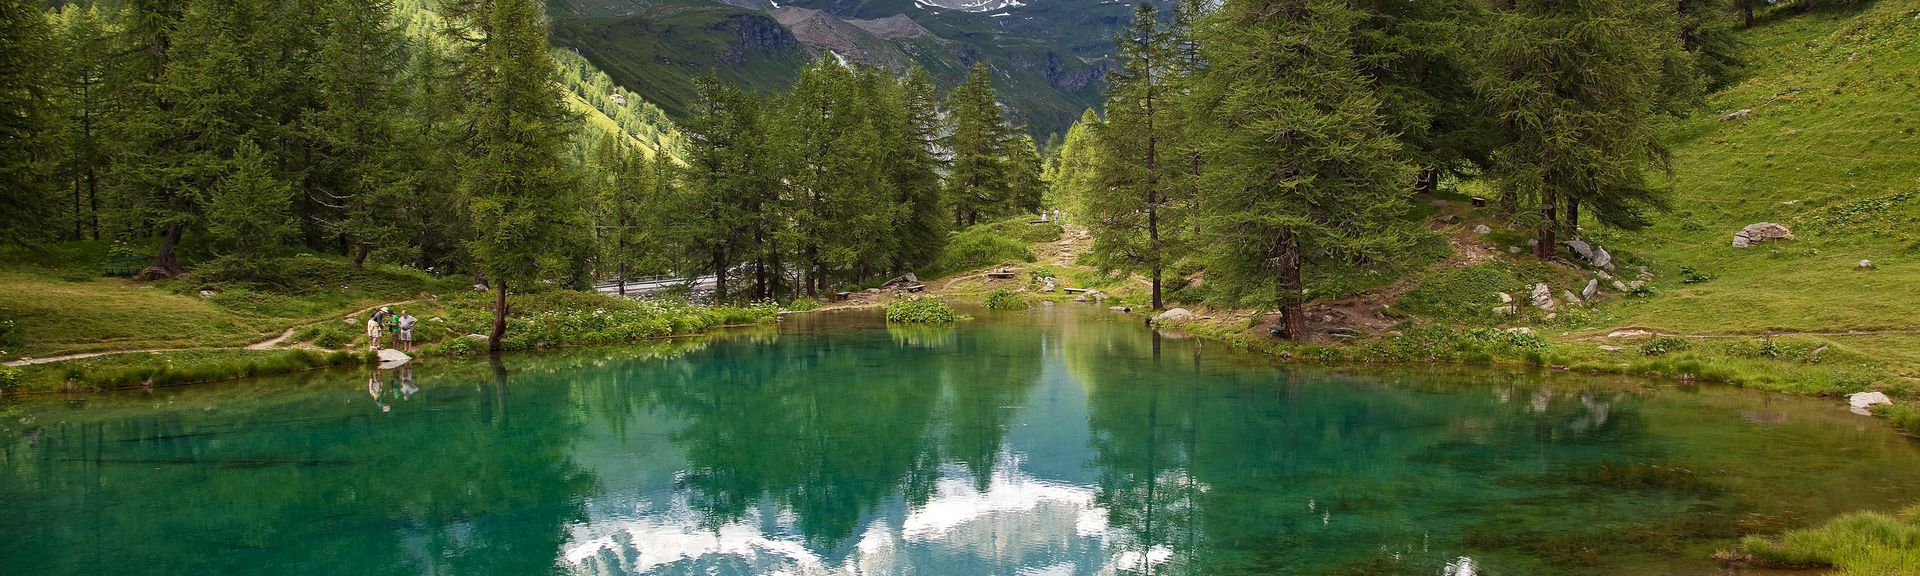 Estação de esqui Breuil-Cervinia, Cervinia, Vale de Aosta, Itália